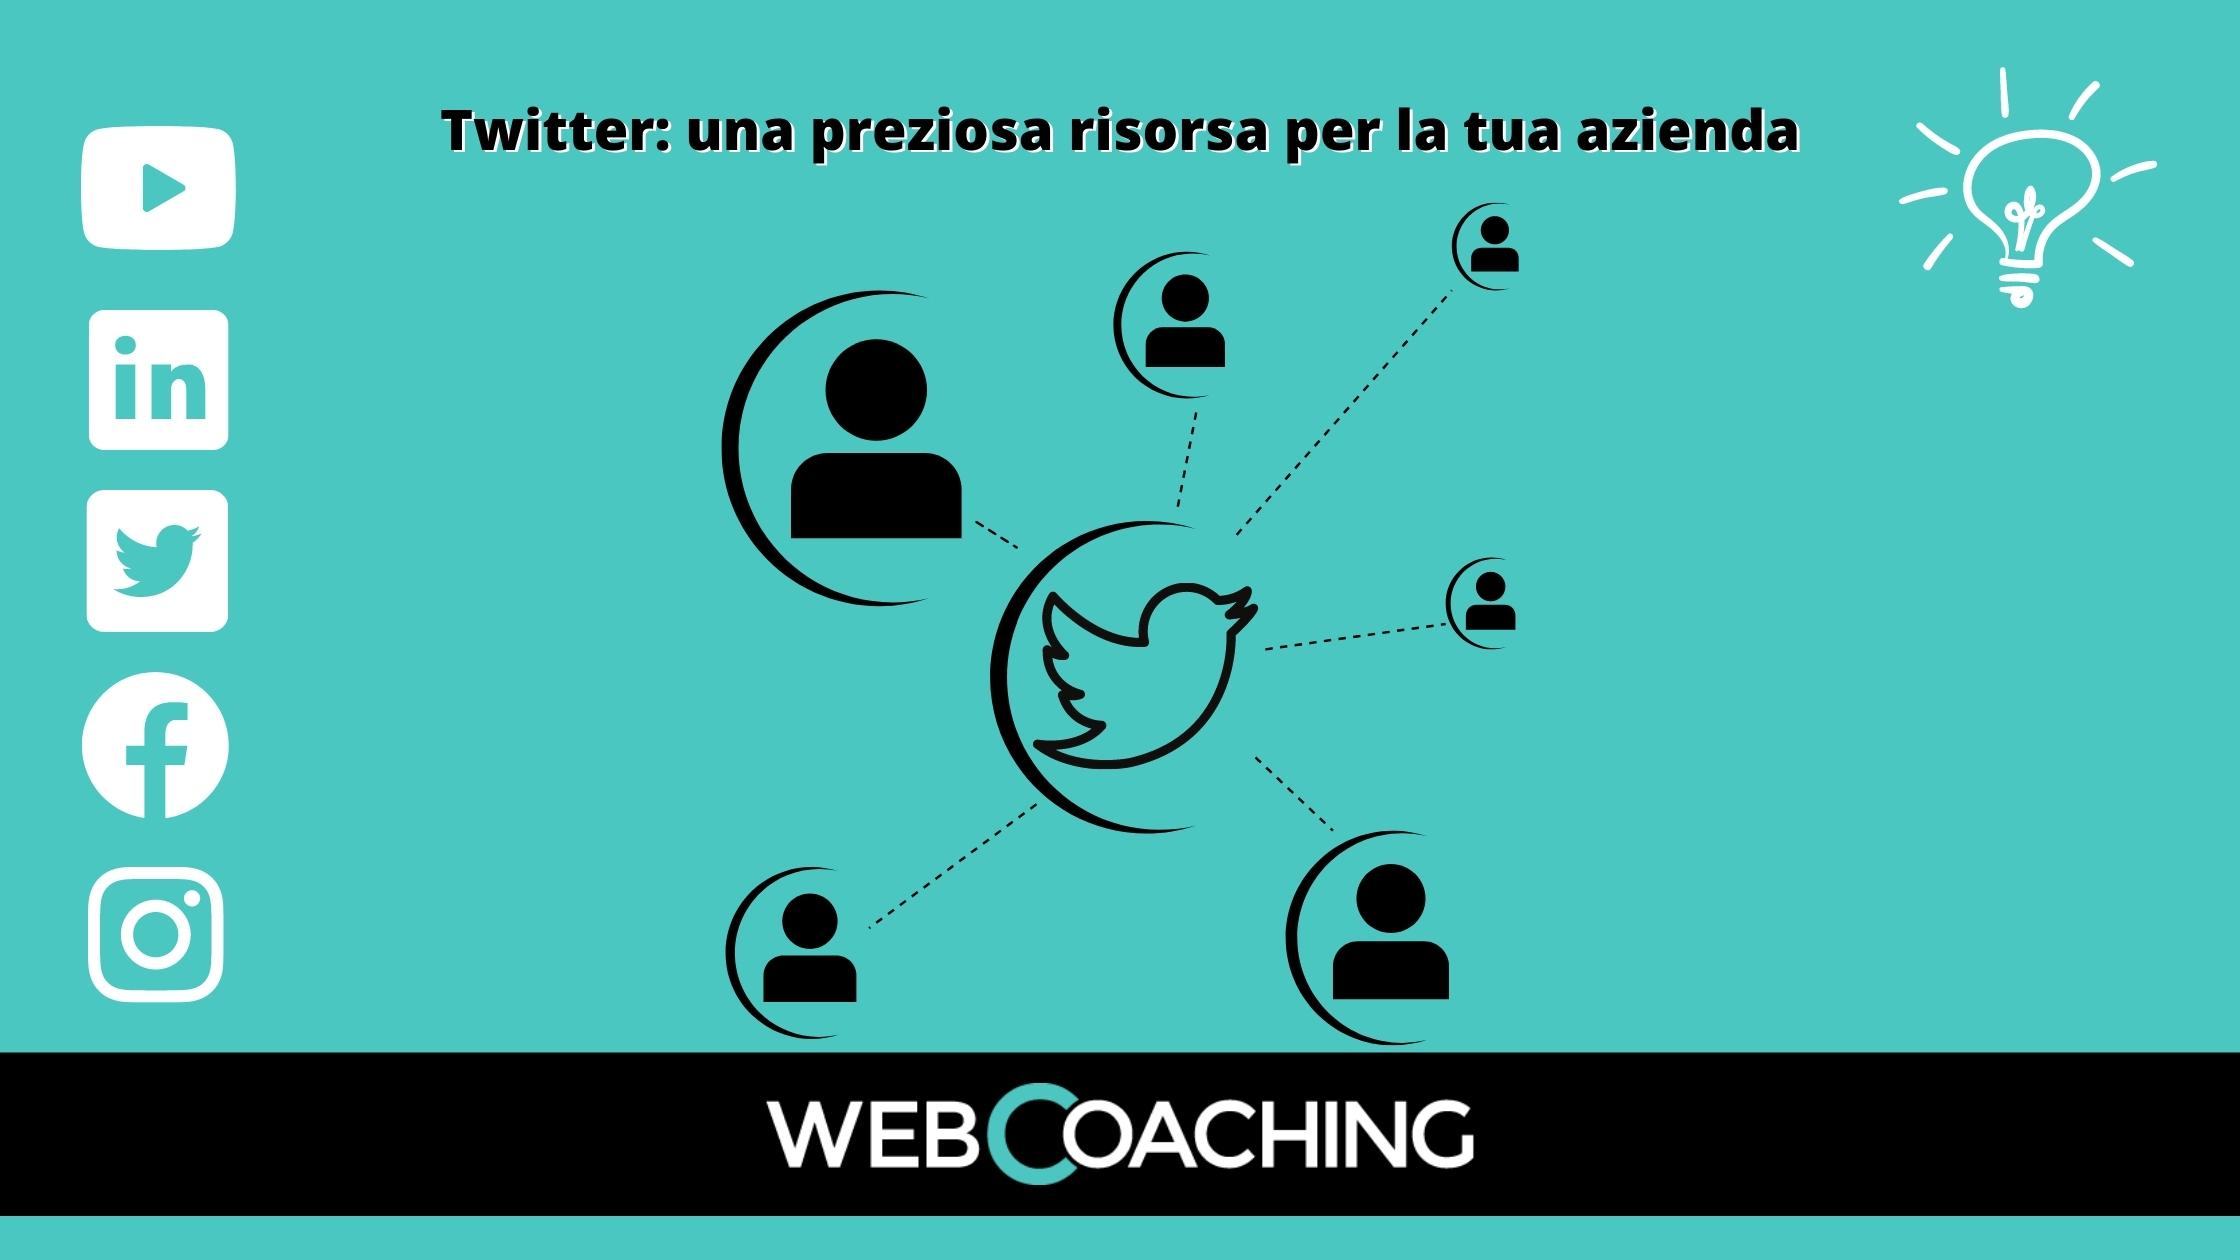 Twitter preziosa risorsa per aziende